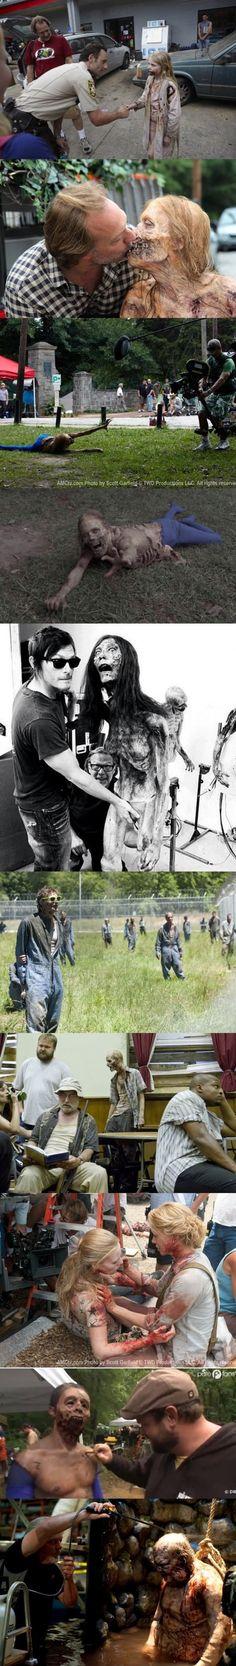 The Walking Dead backstage